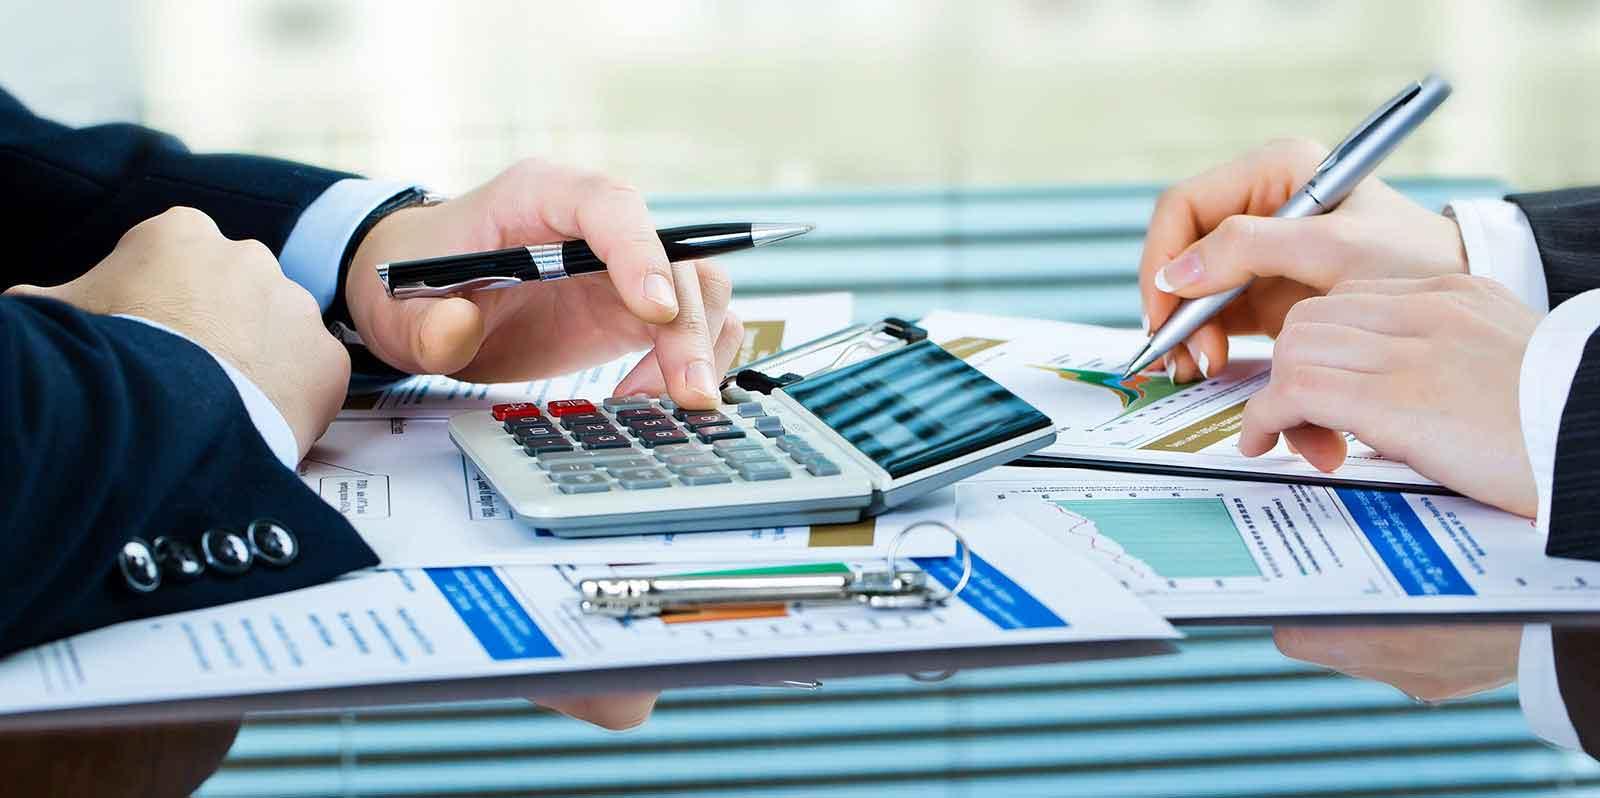 دوره های تخصصی و عملی حسابداری